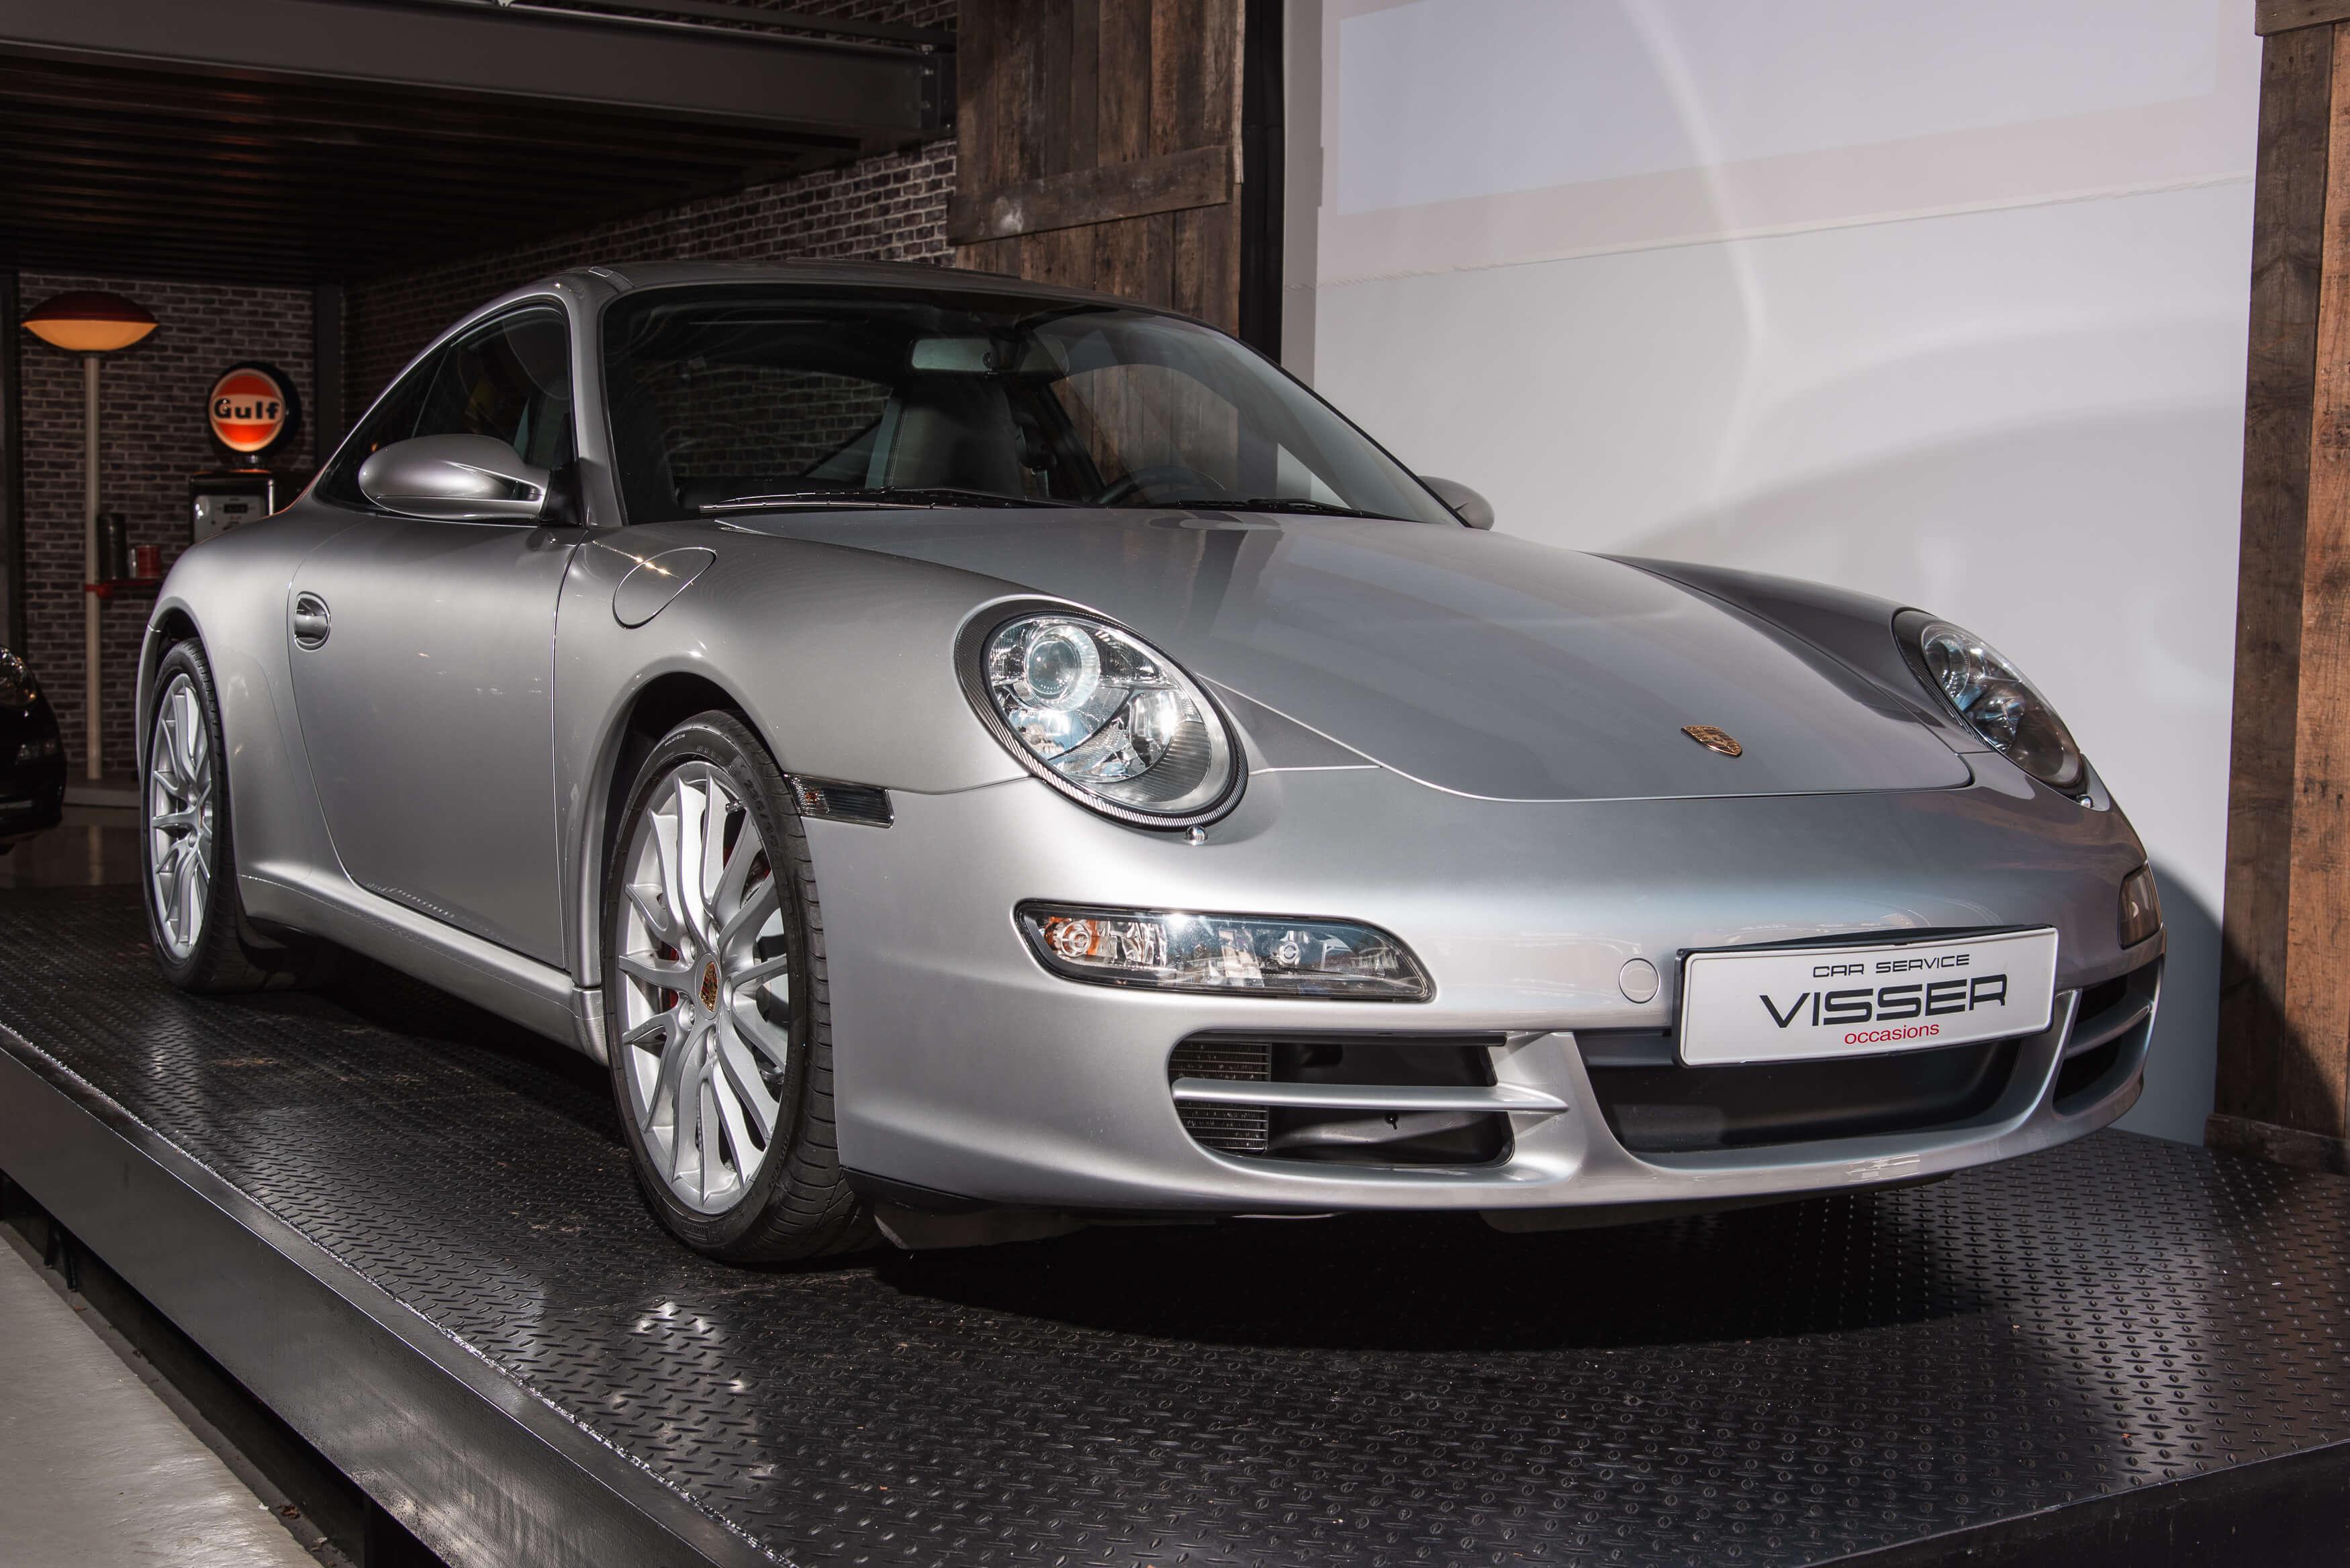 Porsche 997 Carrera S handgeschakeld Car Service Visser gespecialiseerd in Porsche - 7